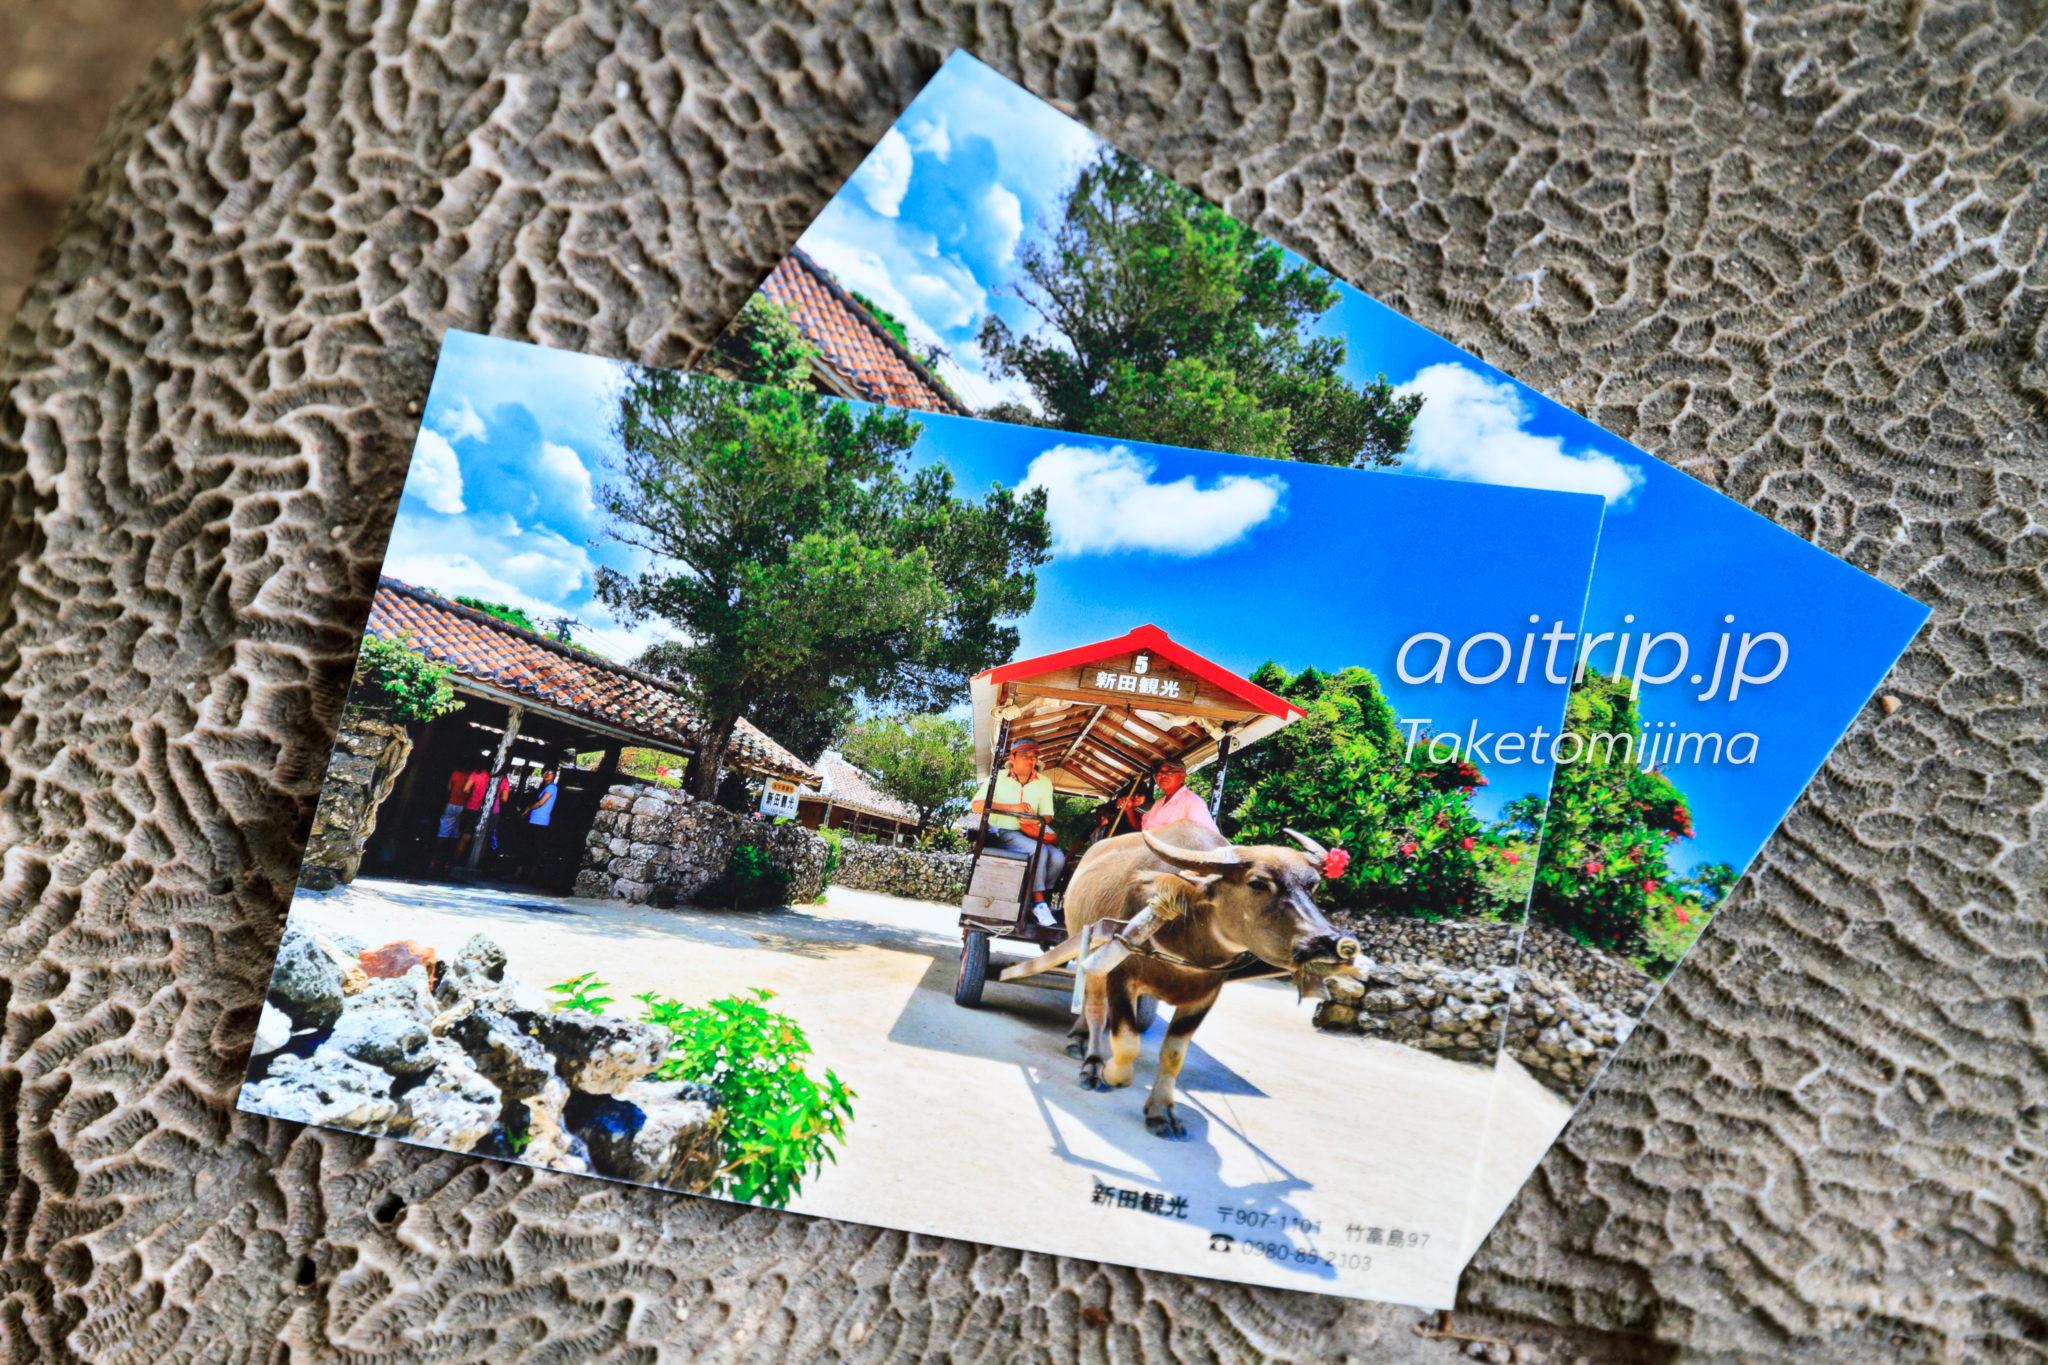 竹富島 新田観光の水牛車 ポストカード